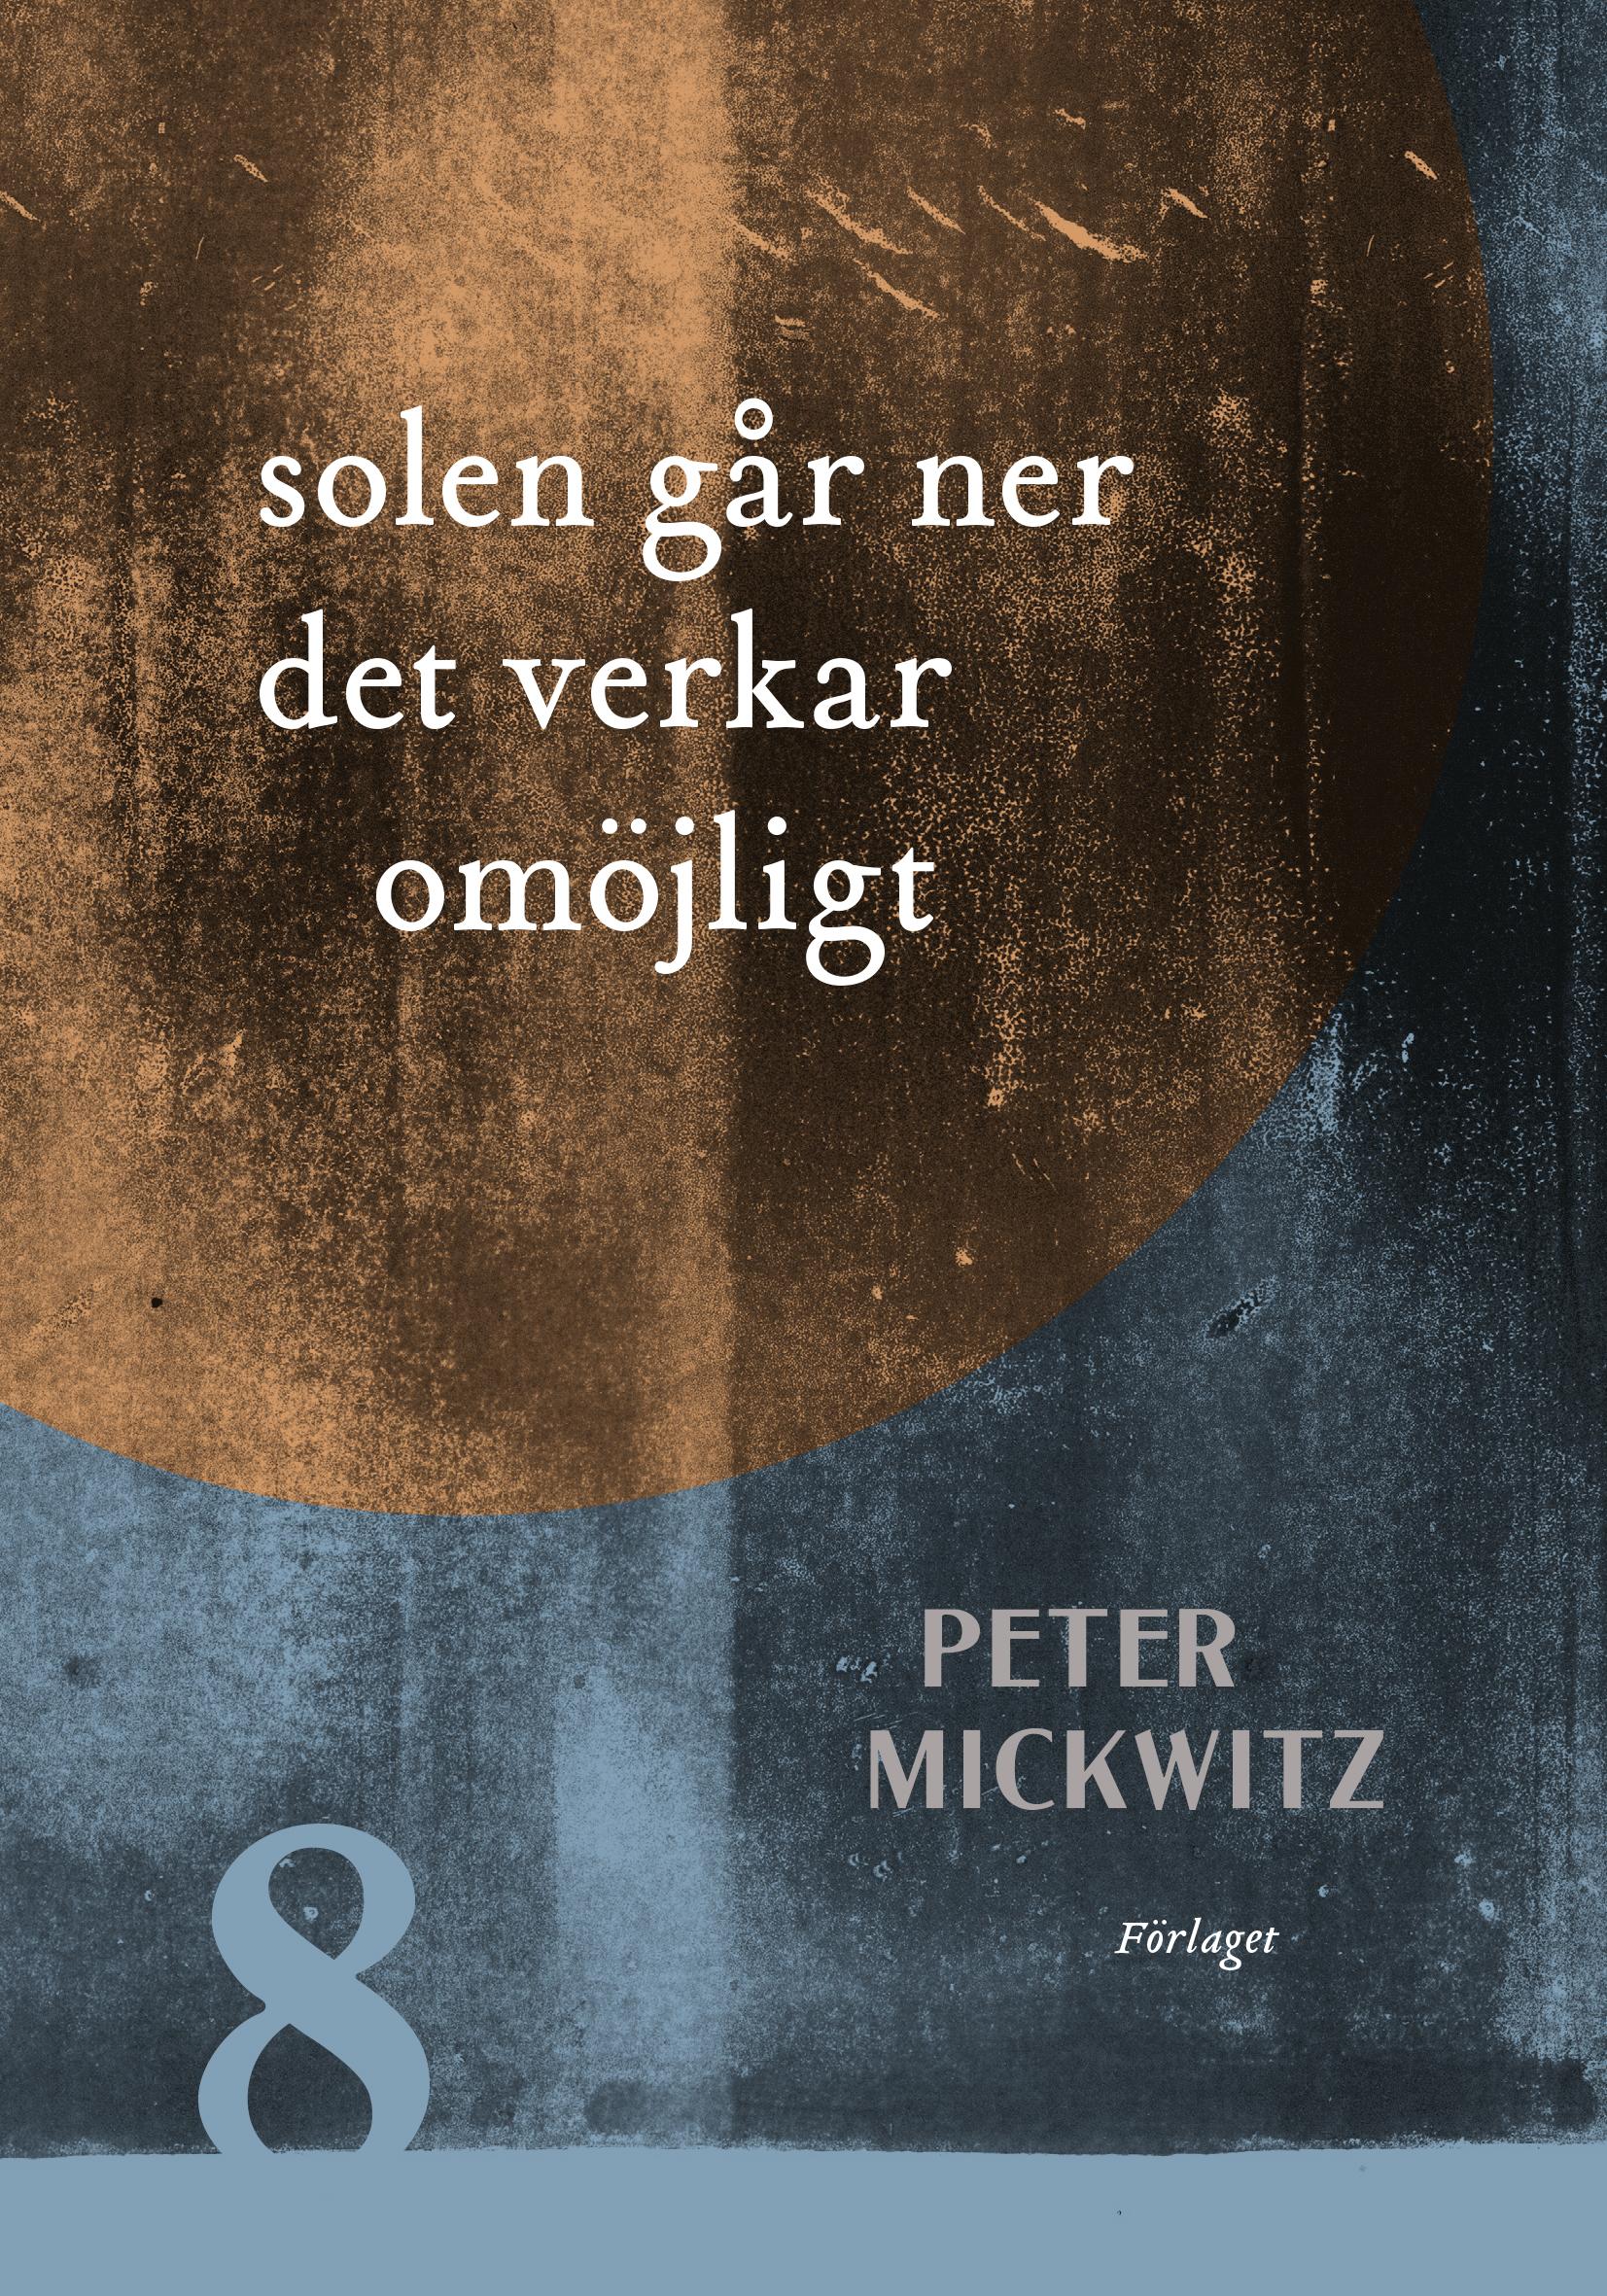 Peter Mickwitz: solen går ner det verkar omöjligt